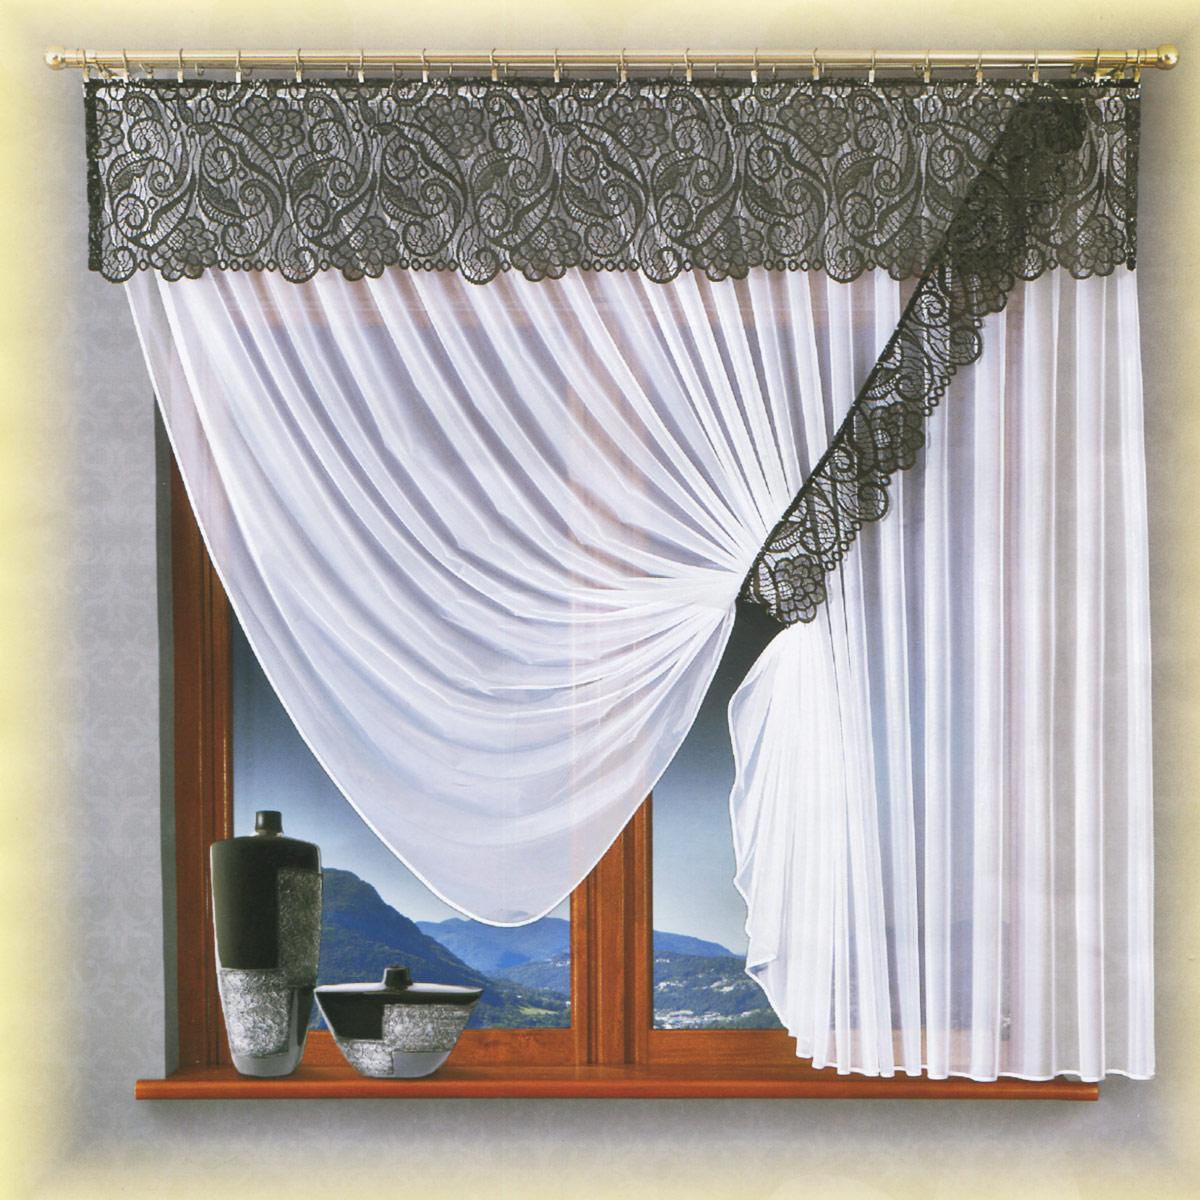 Комплект штор Wisan Benita, на ленте, цвет: белый, графит, высота 180 см079W белый/графитРоскошный комплект штор Wisan Benita, выполненный из полиэстера, великолепно украсит кухонное окно. Комплект состоит из тюля, ламбрекена и подхвата. Тюль выполнен из полупрозрачной ткани. Кружевной ламбрекен выполнен из полиэстера. Подхват выполнен из ажурной ткани в цвет ламбрекена. Нежная воздушная текстура, оригинальный дизайн и нежная цветовая гамма привлекут к себе внимание и органично впишутся в интерьер комнаты. Все предметы комплекта - на шторной ленте для собирания в сборки.